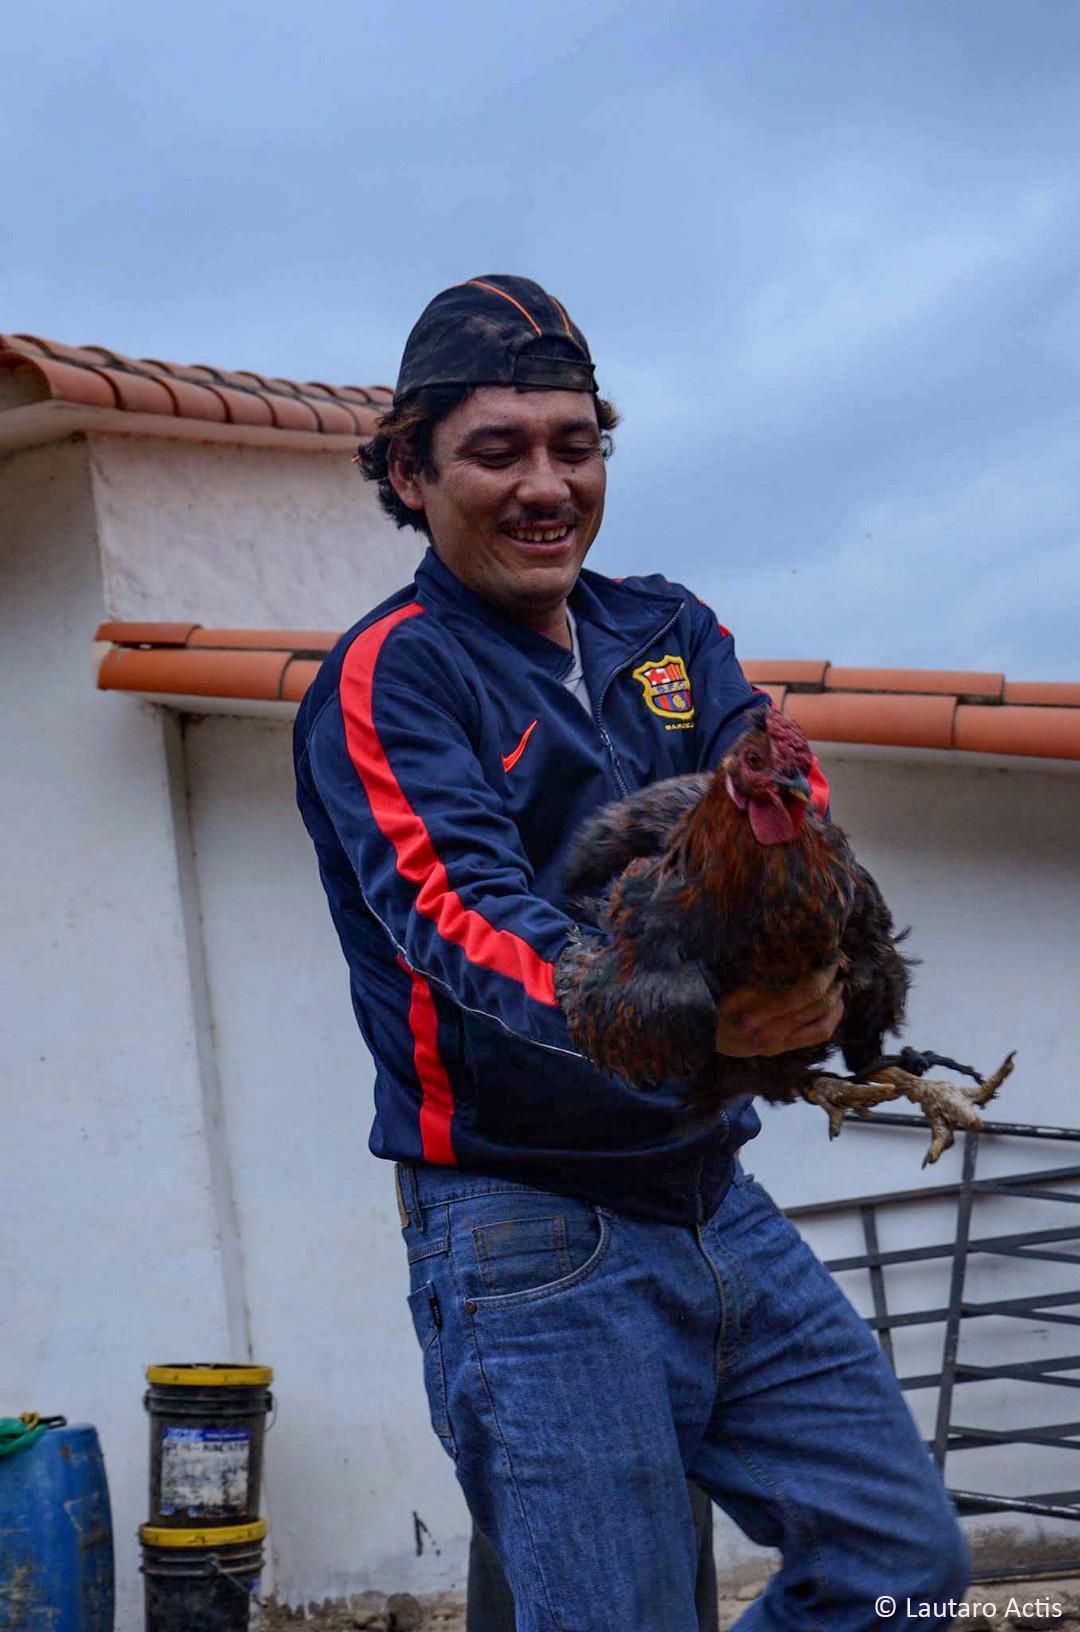 Juego de la gallina, el ganador ©